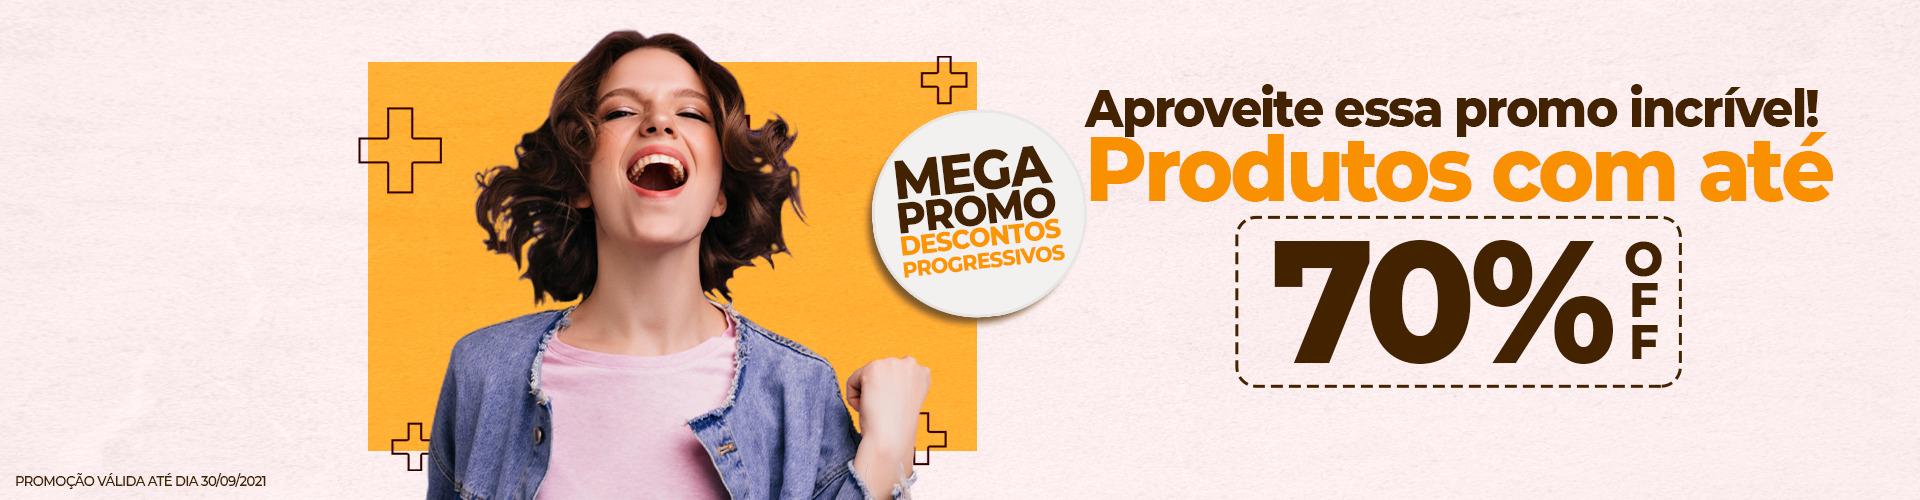 Mega Promo 70% Off